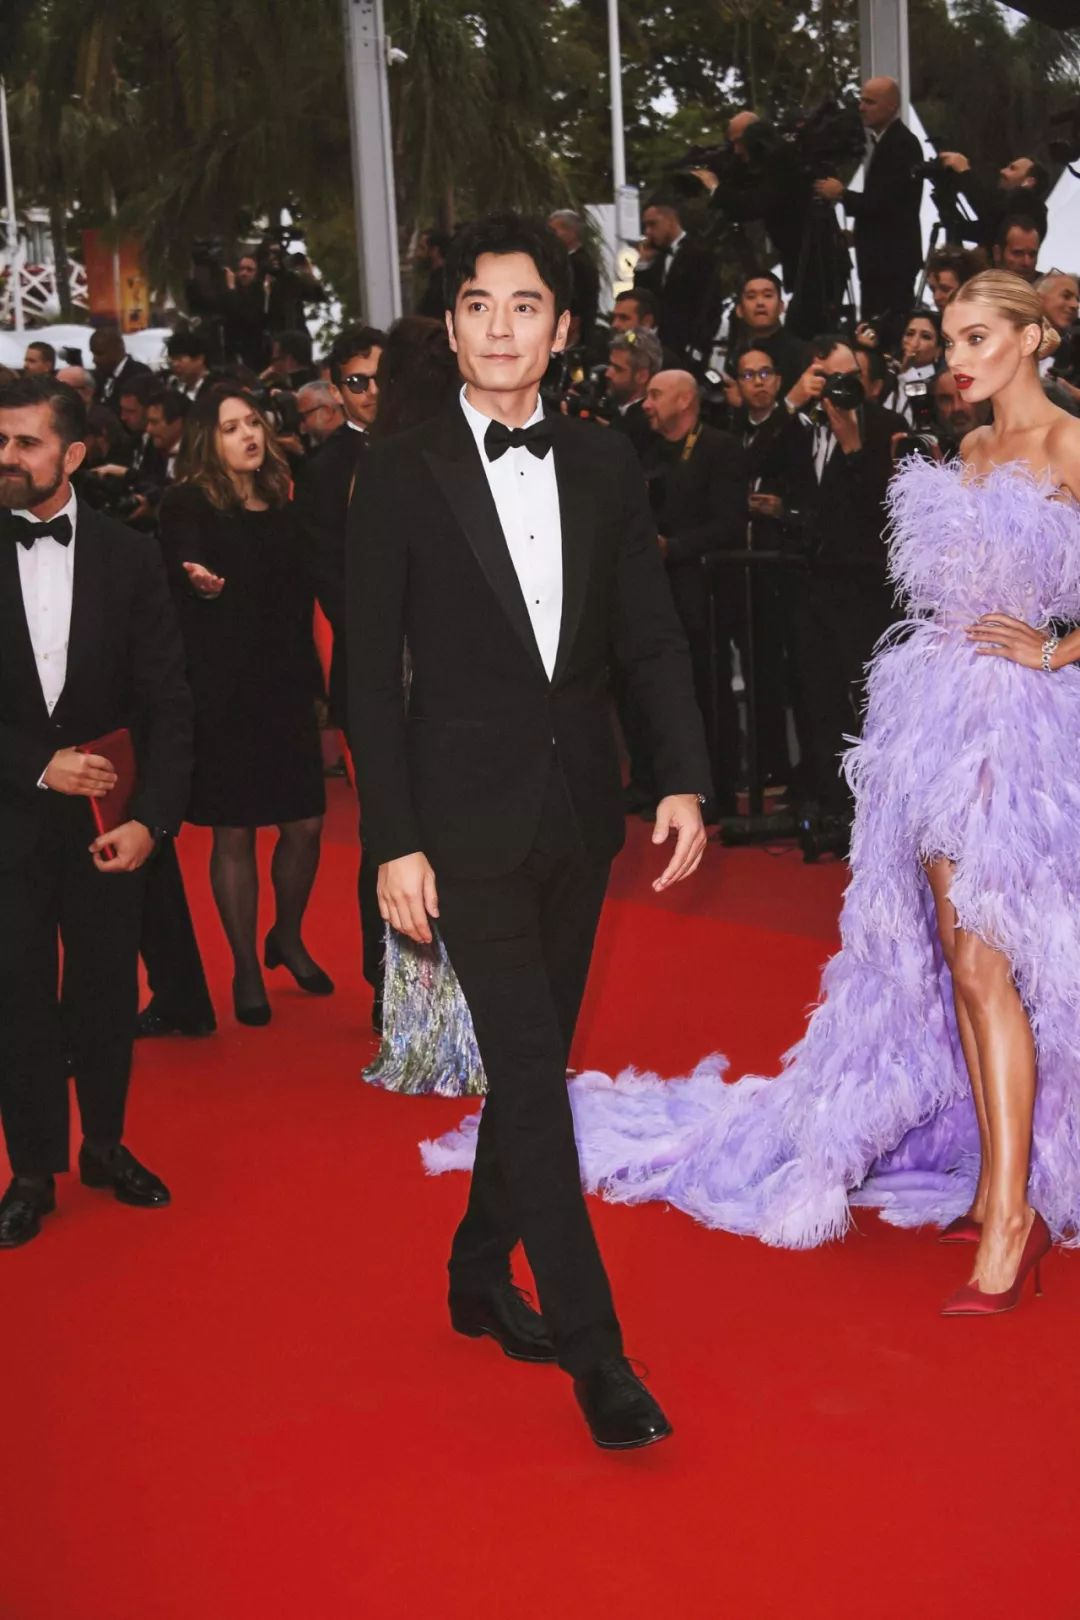 中国品牌的国际范亮相:九牧王成为戛纳官方晚宴唯一指定男装